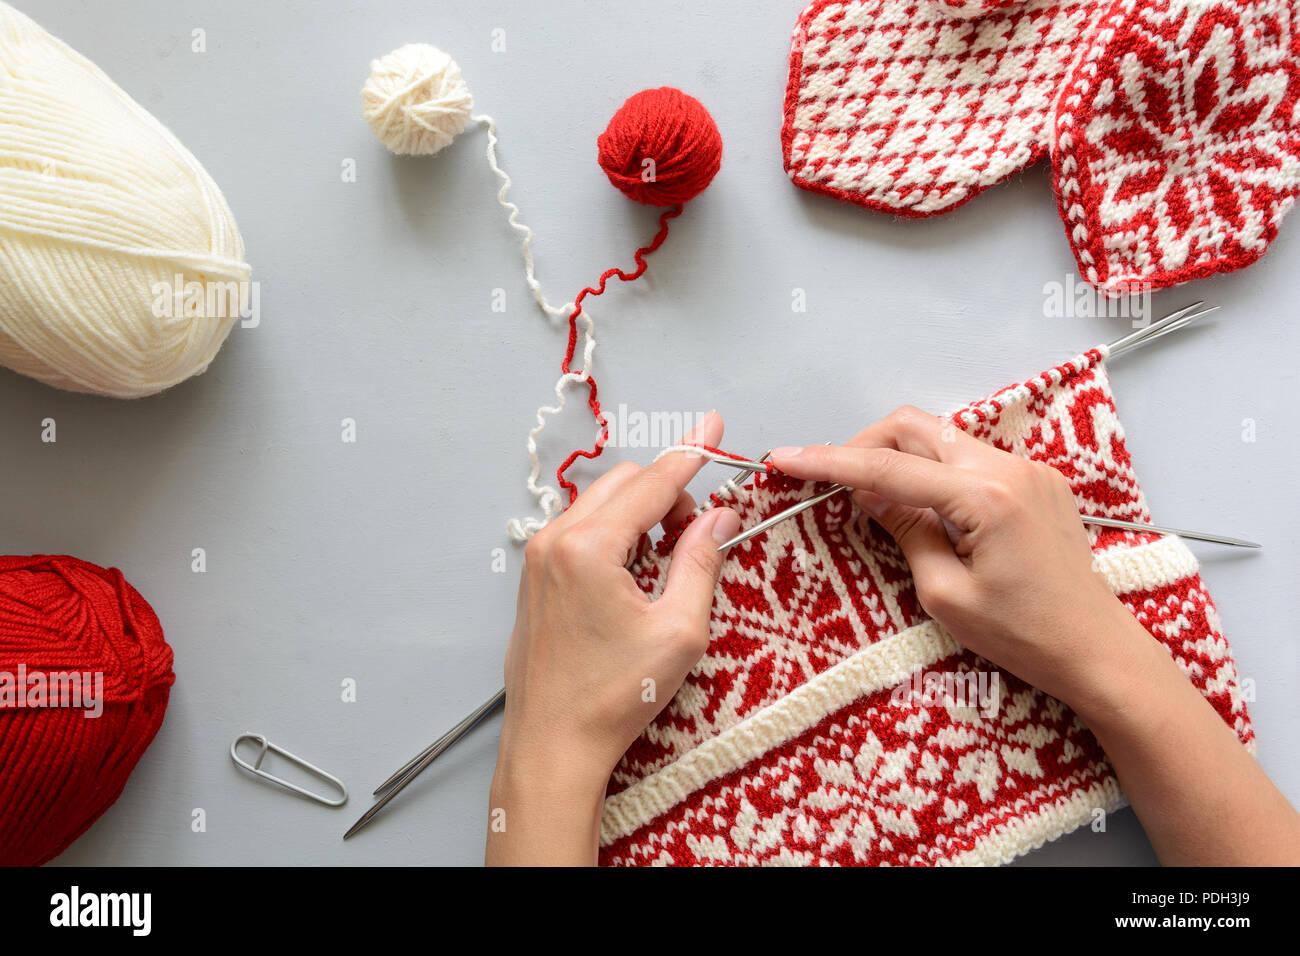 Jacquard Knit Imágenes De Stock Jacquard Knit Fotos De